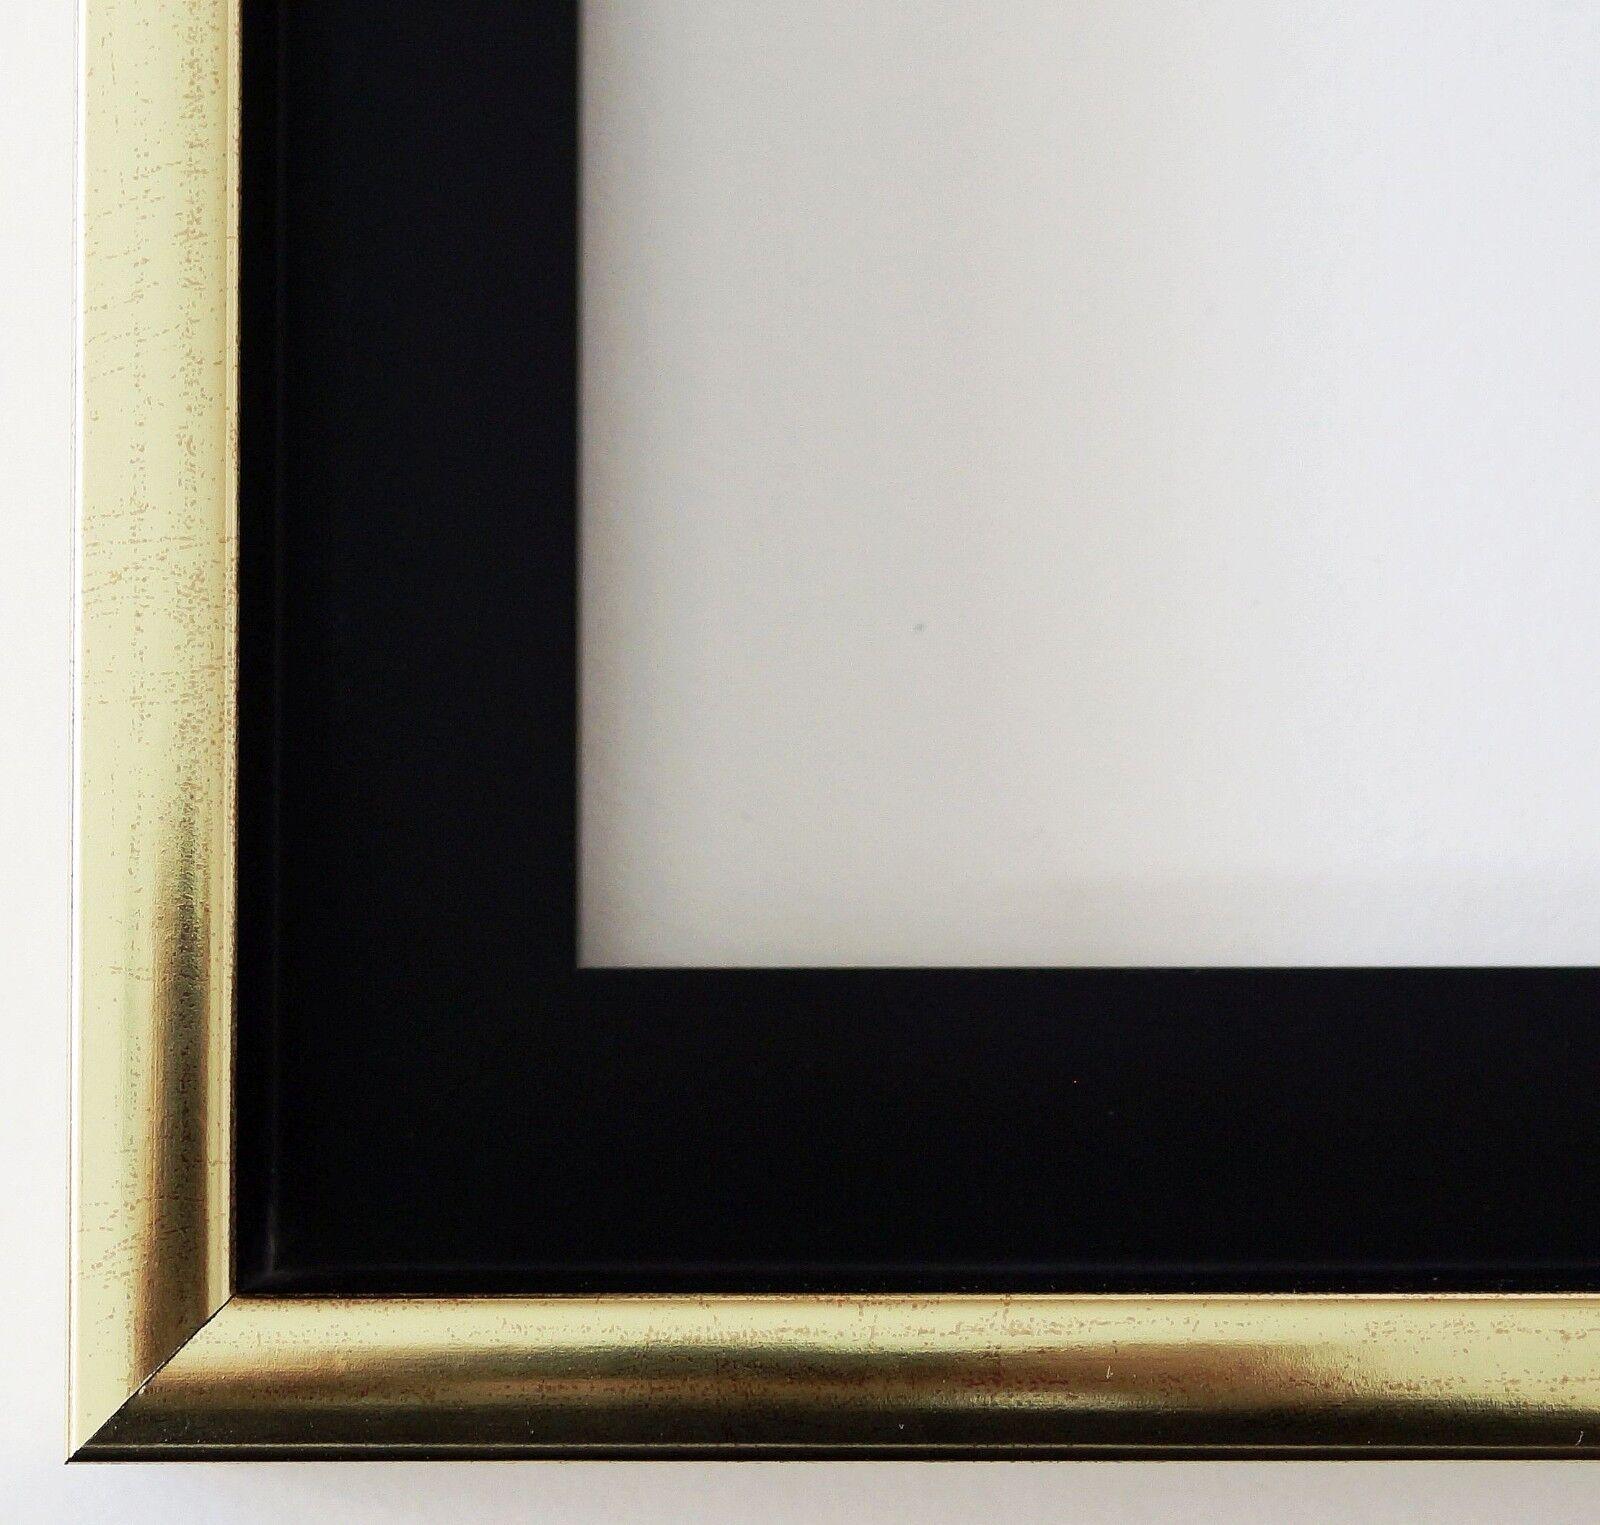 Urkundenrahmen Schattenfugenrahmen Schwarz Gold Modern Ferrara 41,0 alle Größen